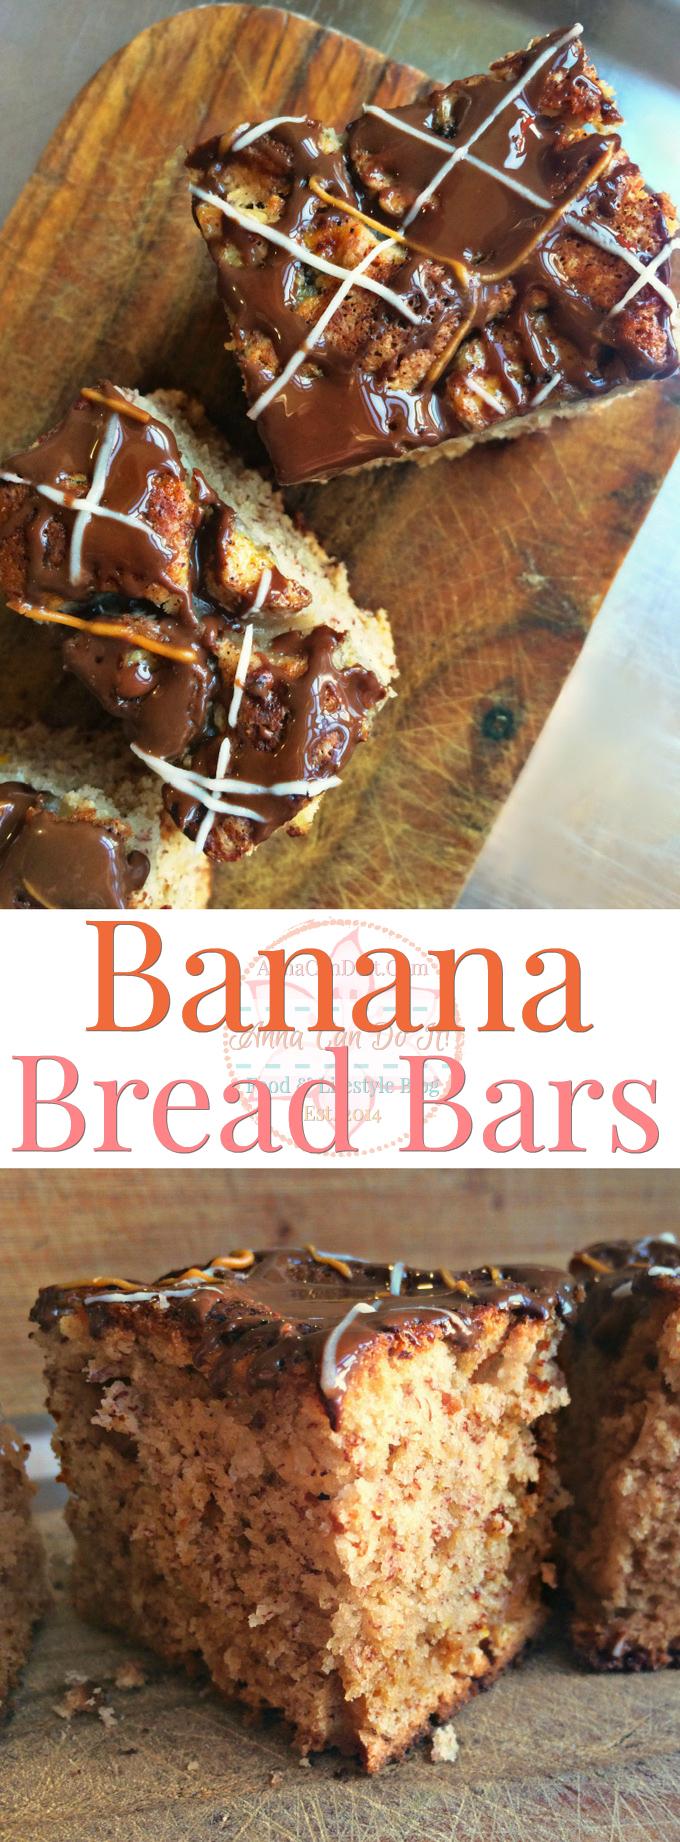 Banana Bread Bars - Anna Can Do It!